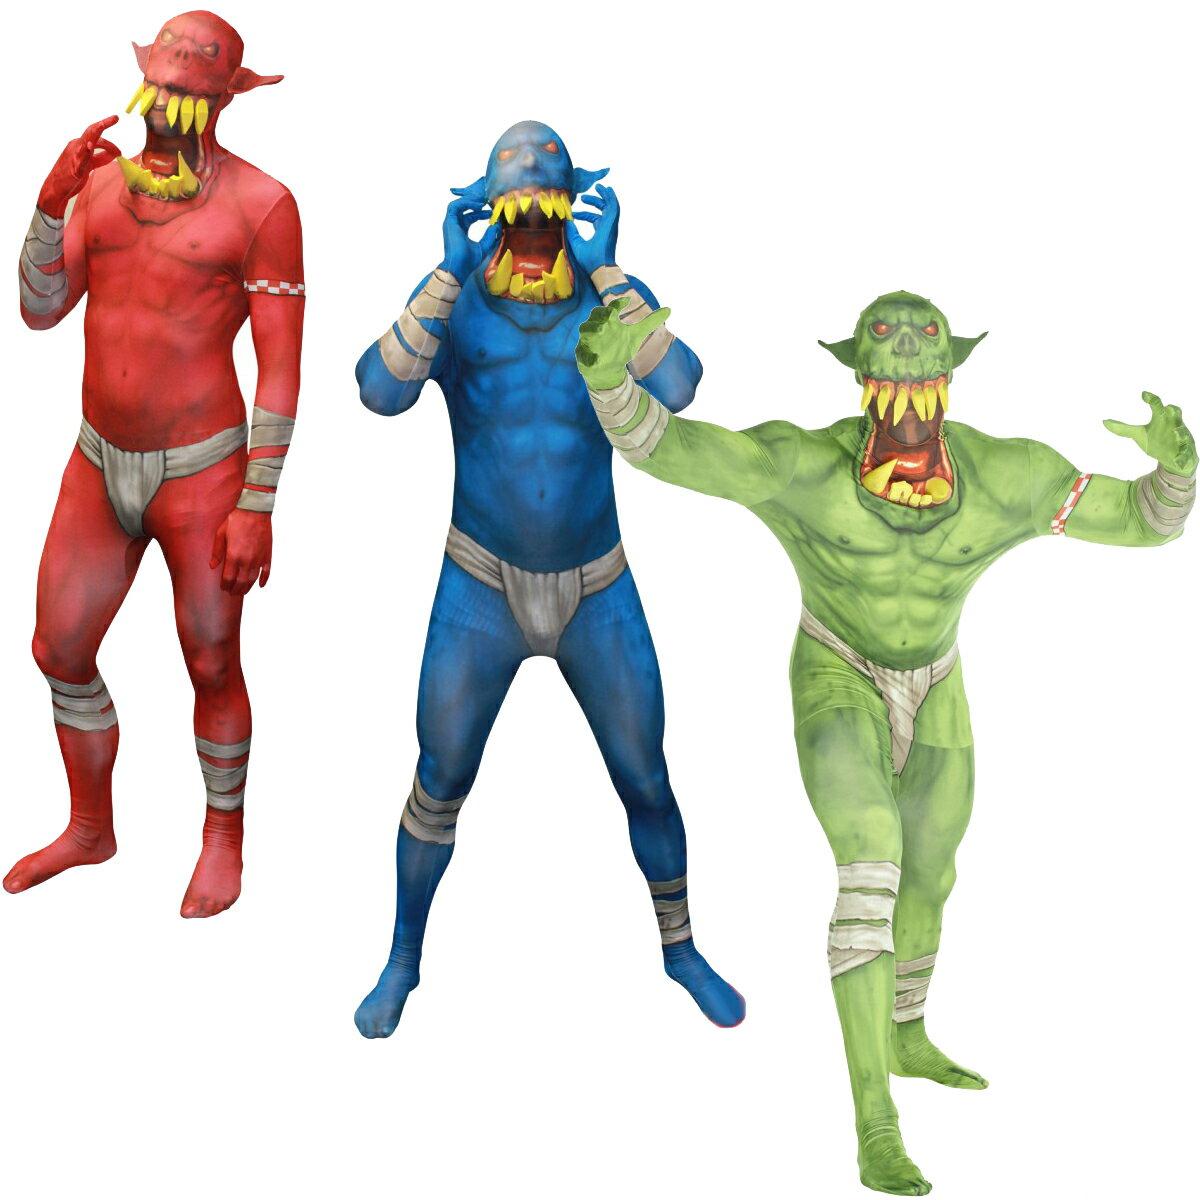 節分 鬼 コスプレ コスチューム 大人 おもしろ 全身タイツ モーフスーツ 赤鬼 青鬼 緑鬼 ハロウィン 仮装